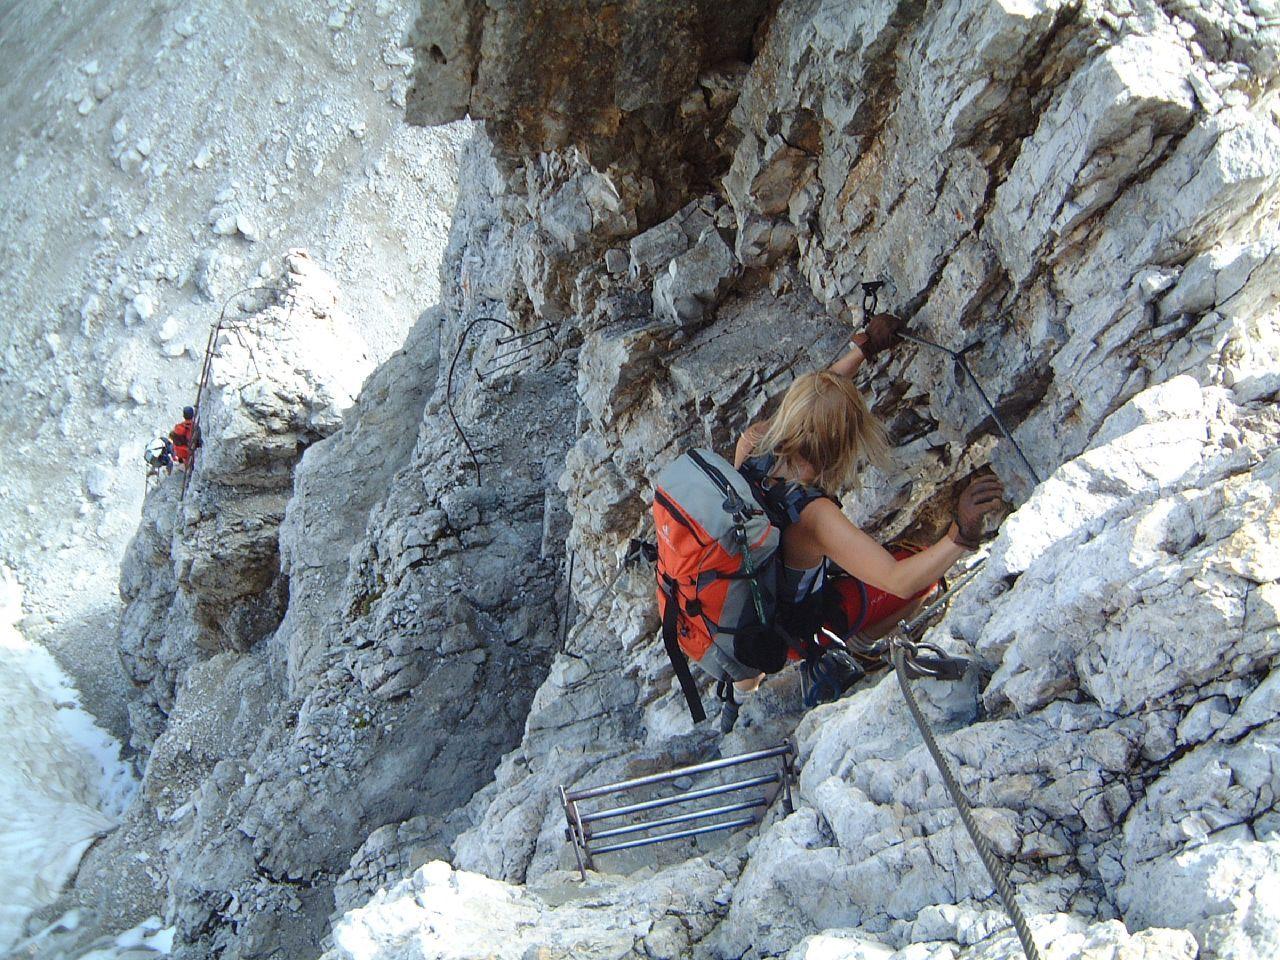 Climbing Via Ferrata, Dolomites, Italy.